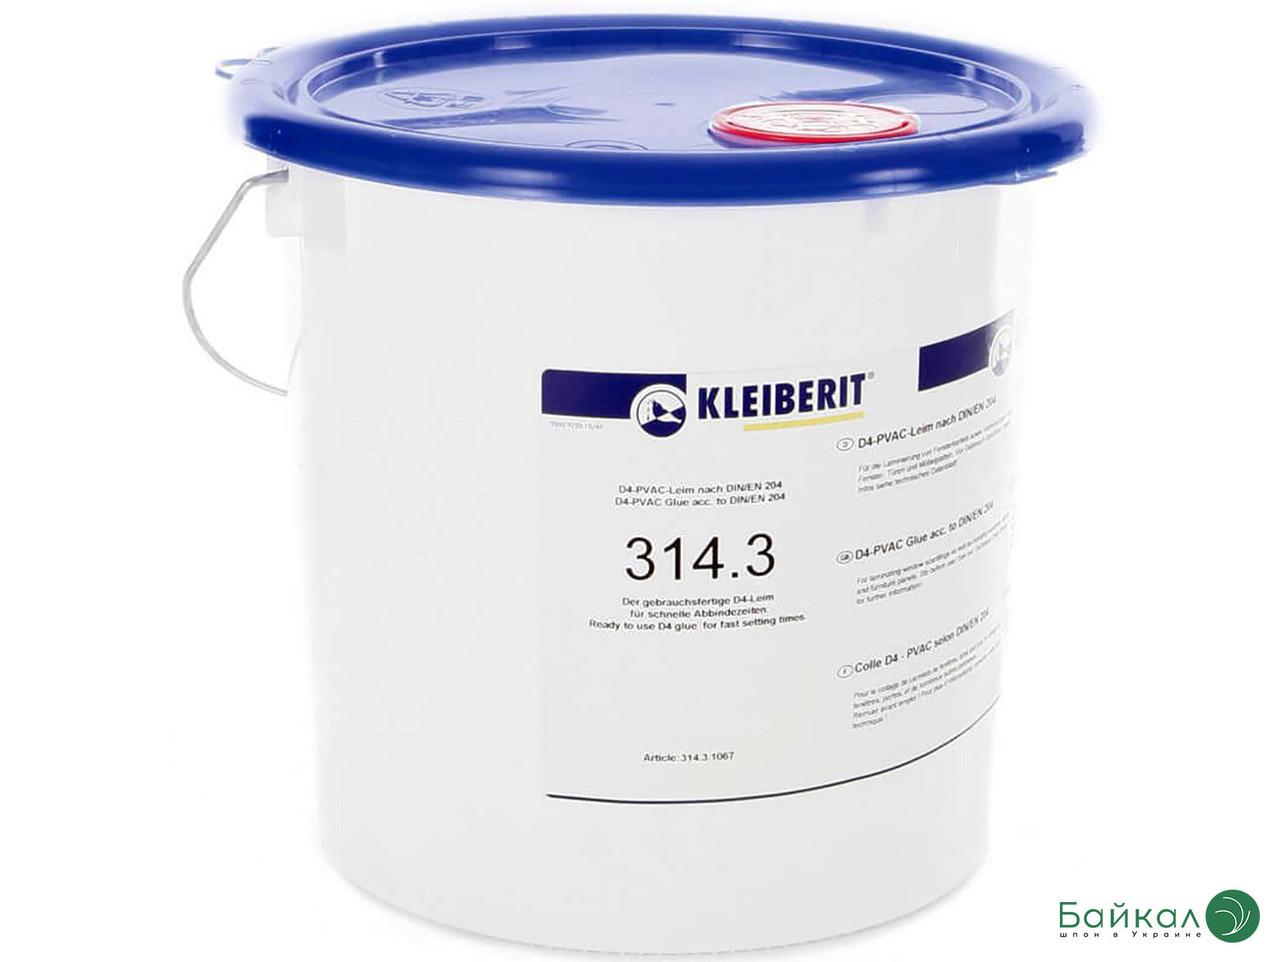 Однокомпонентний водостійкий клей KLEIBERIT 314.3 — ПВА-дисперсія D4 для зовнішніх виробів (відро 16 кг)